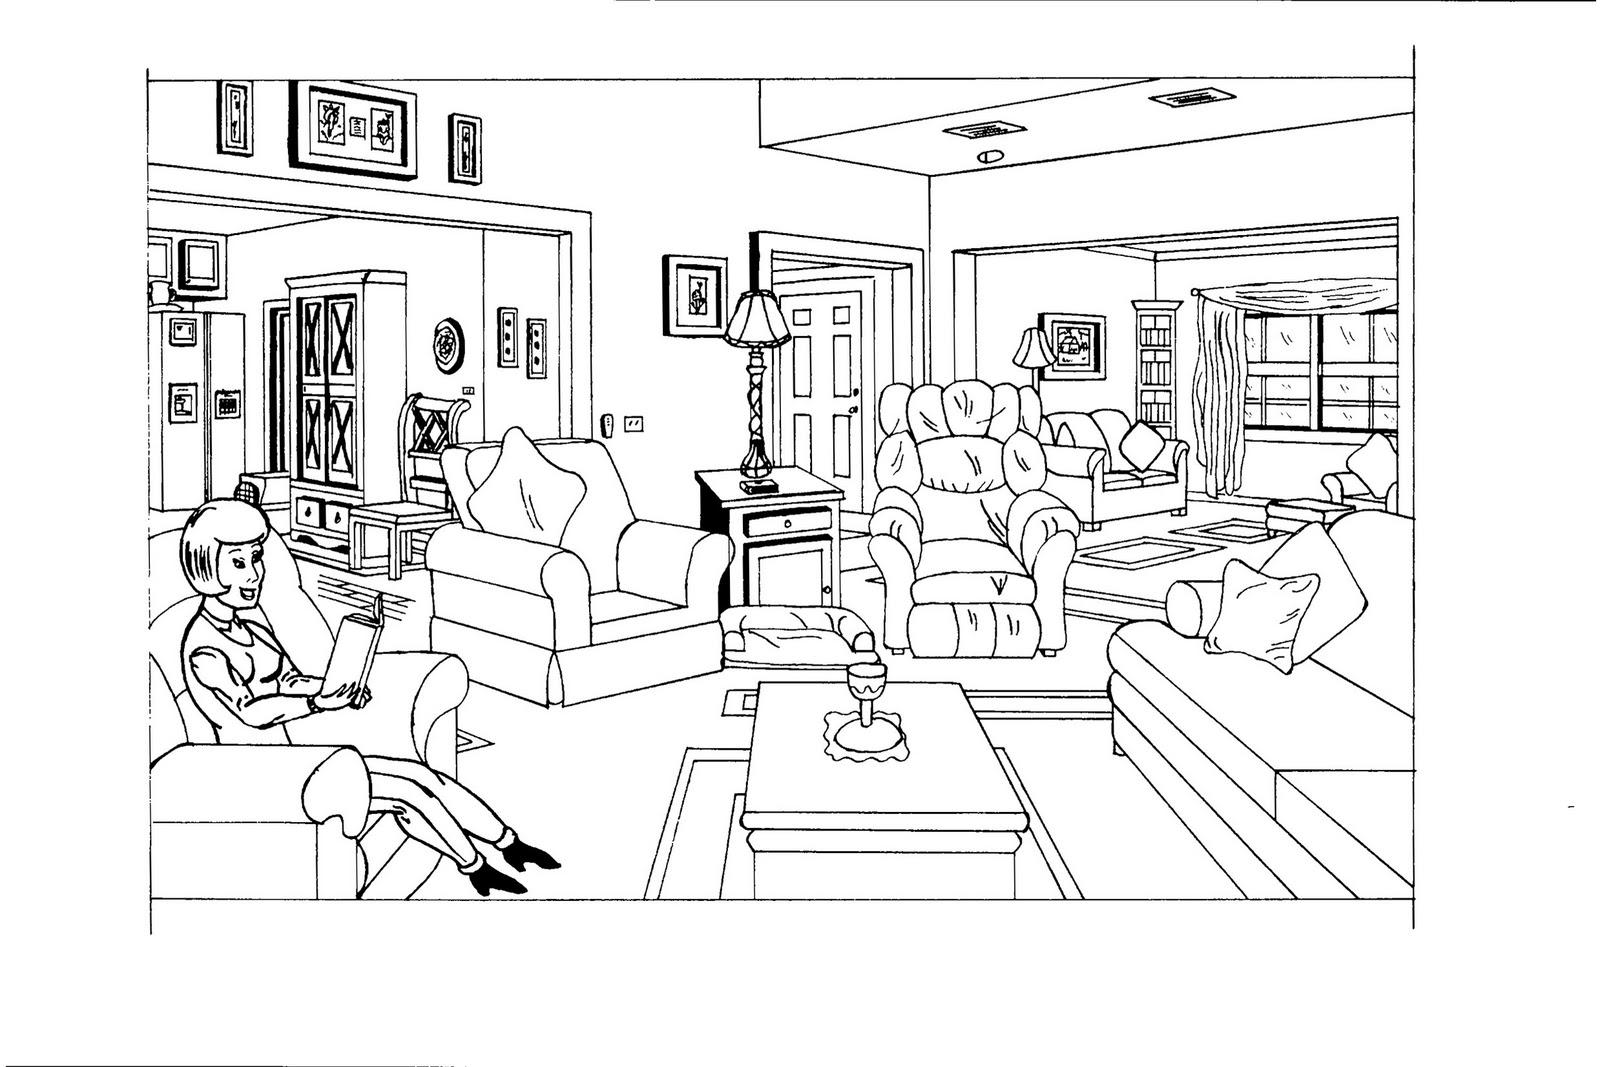 38 dessins de coloriage chambre imprimer sur page 5 for Dessin chambre perspective